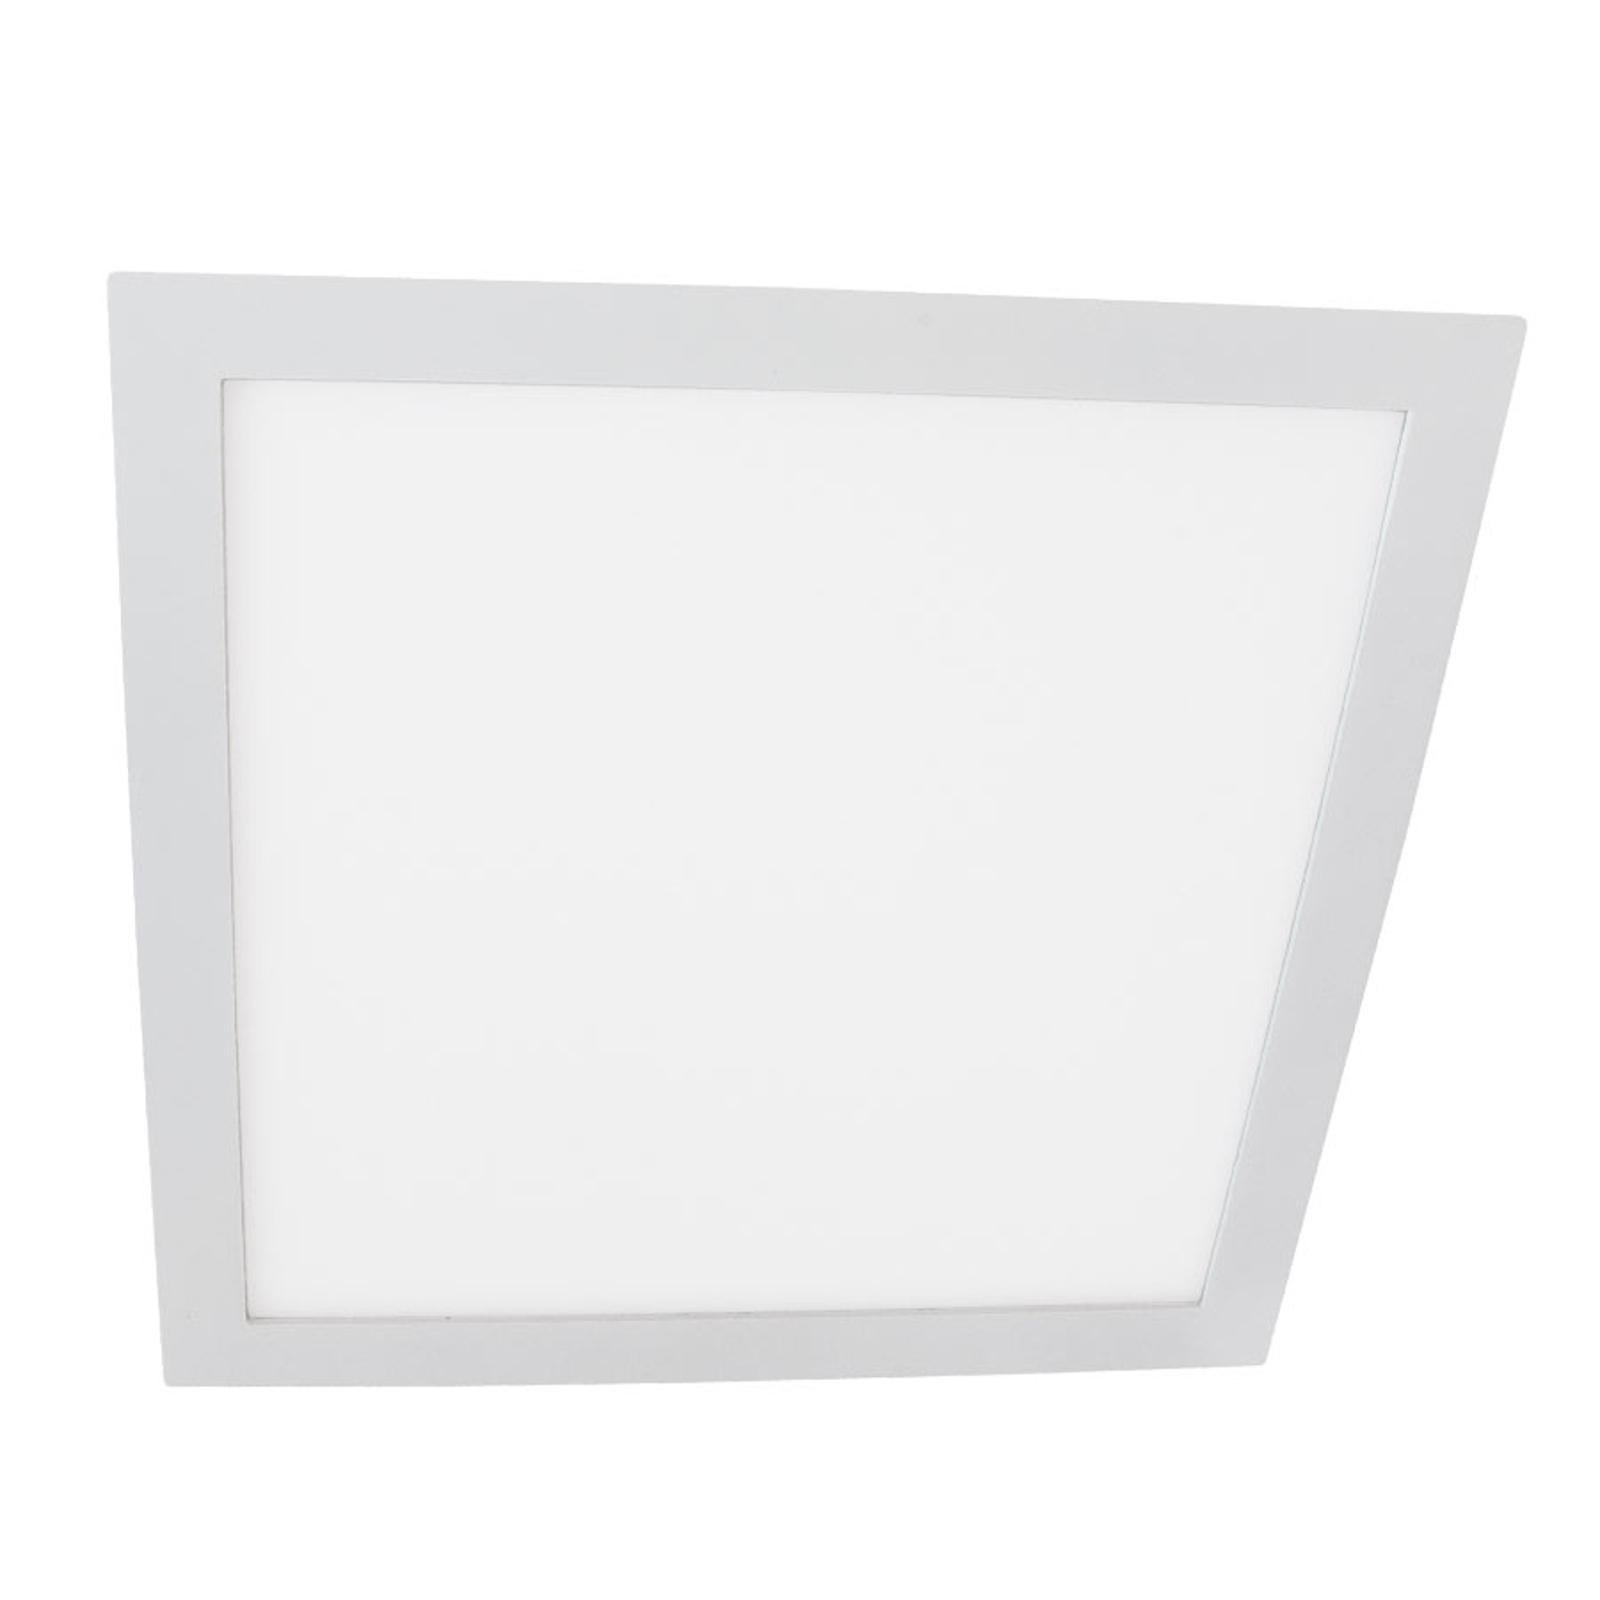 Moon Square LED-downligt, hvit, 18W, 3 000 K